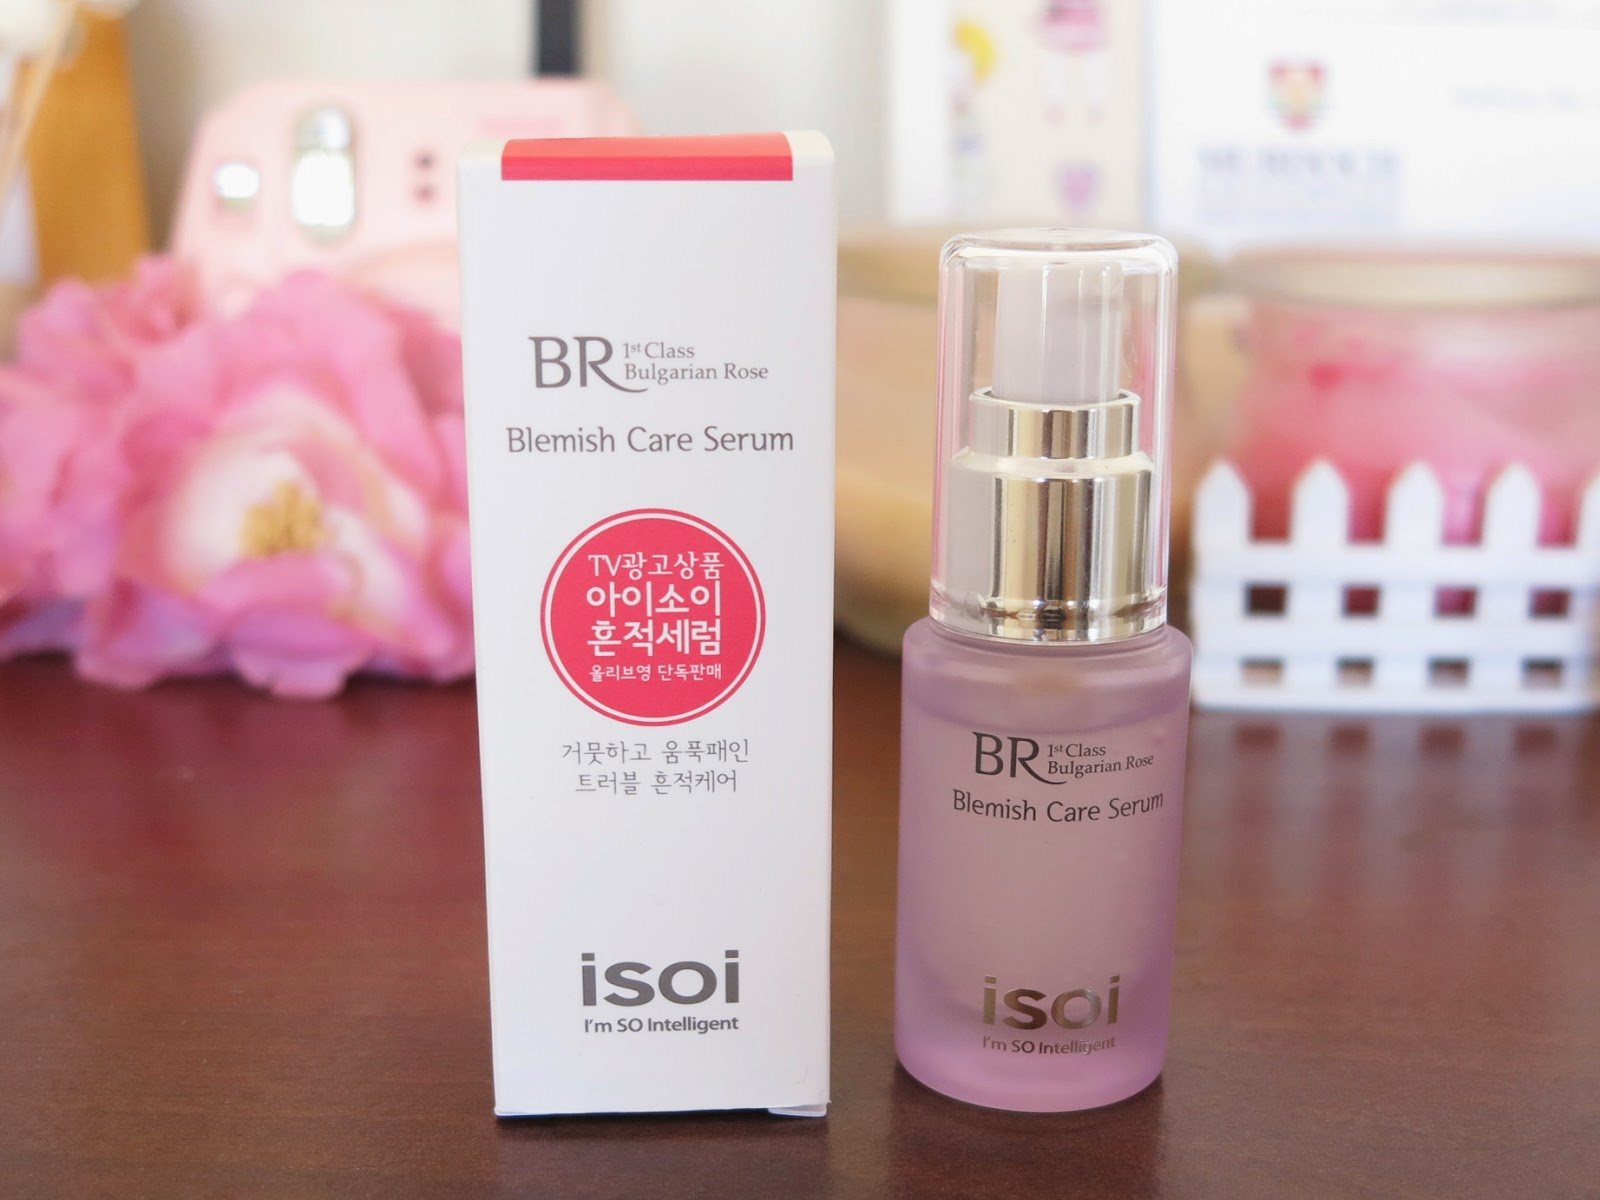 isoi bulgarian rose blemish care serum review